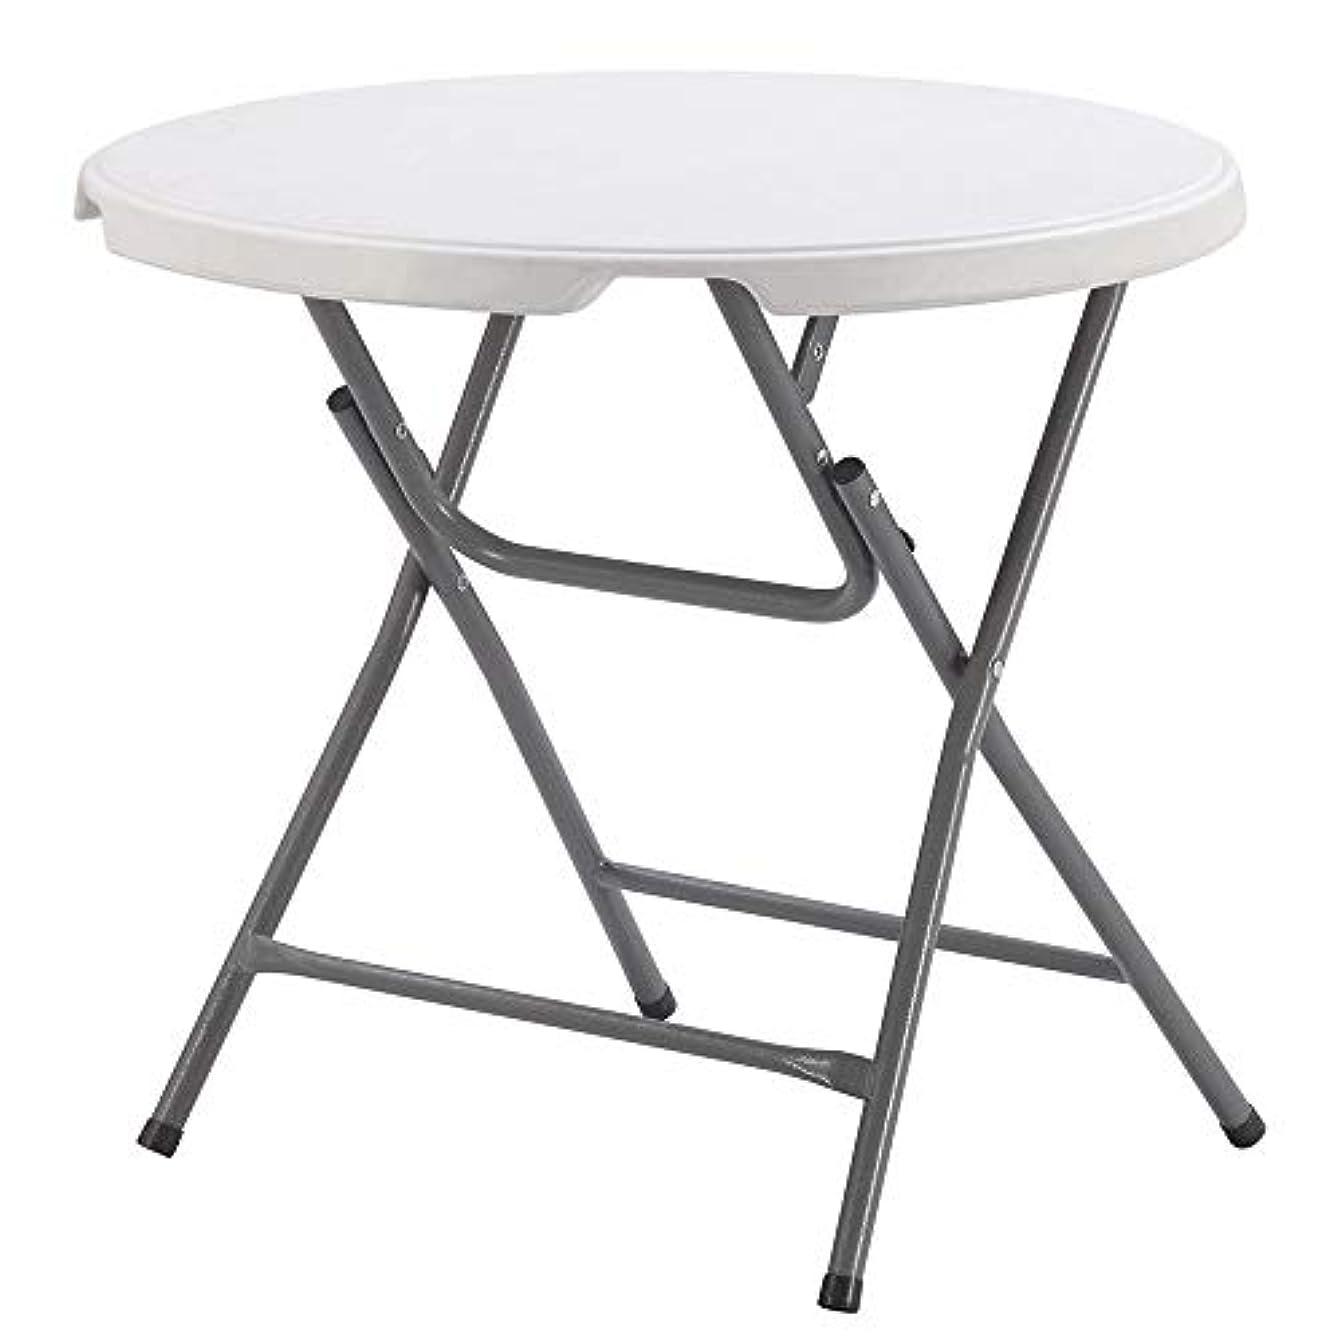 スキニー肥満どちらもラウンド軽量折りたたみキャンプテーブルホワイト アウトドア キャンプ用 (色 : 白, サイズ : 80*80*74cm)